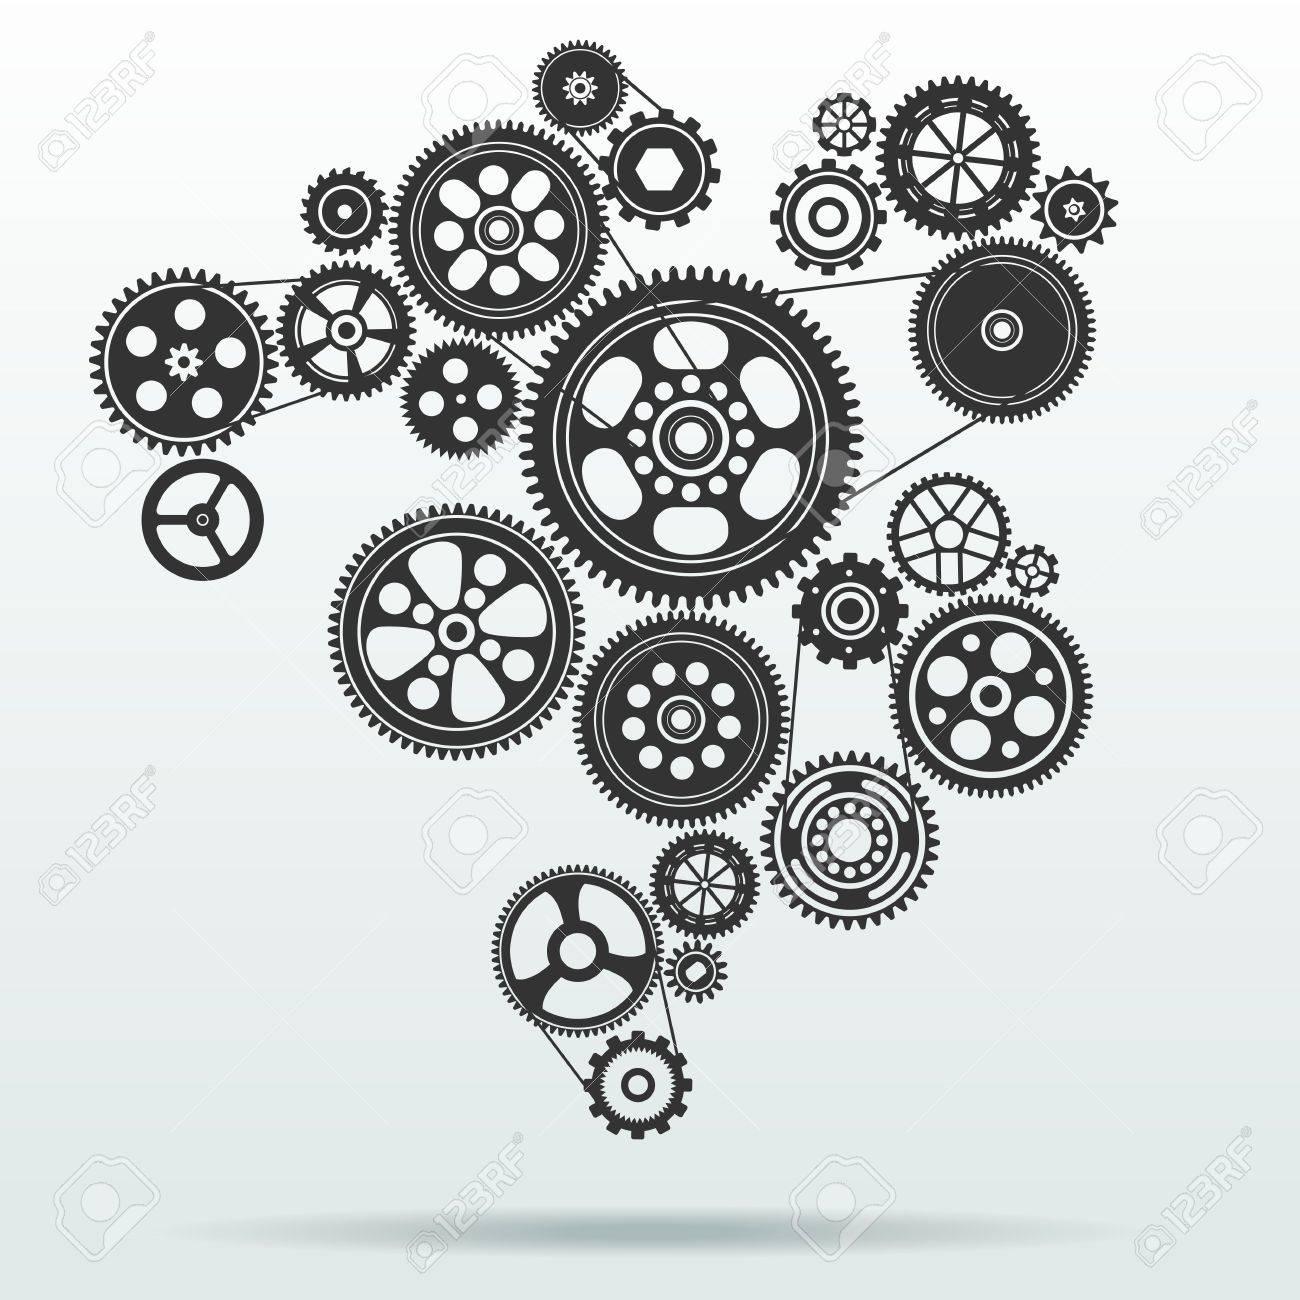 gearwheel mechanism background Stock Vector - 40351858